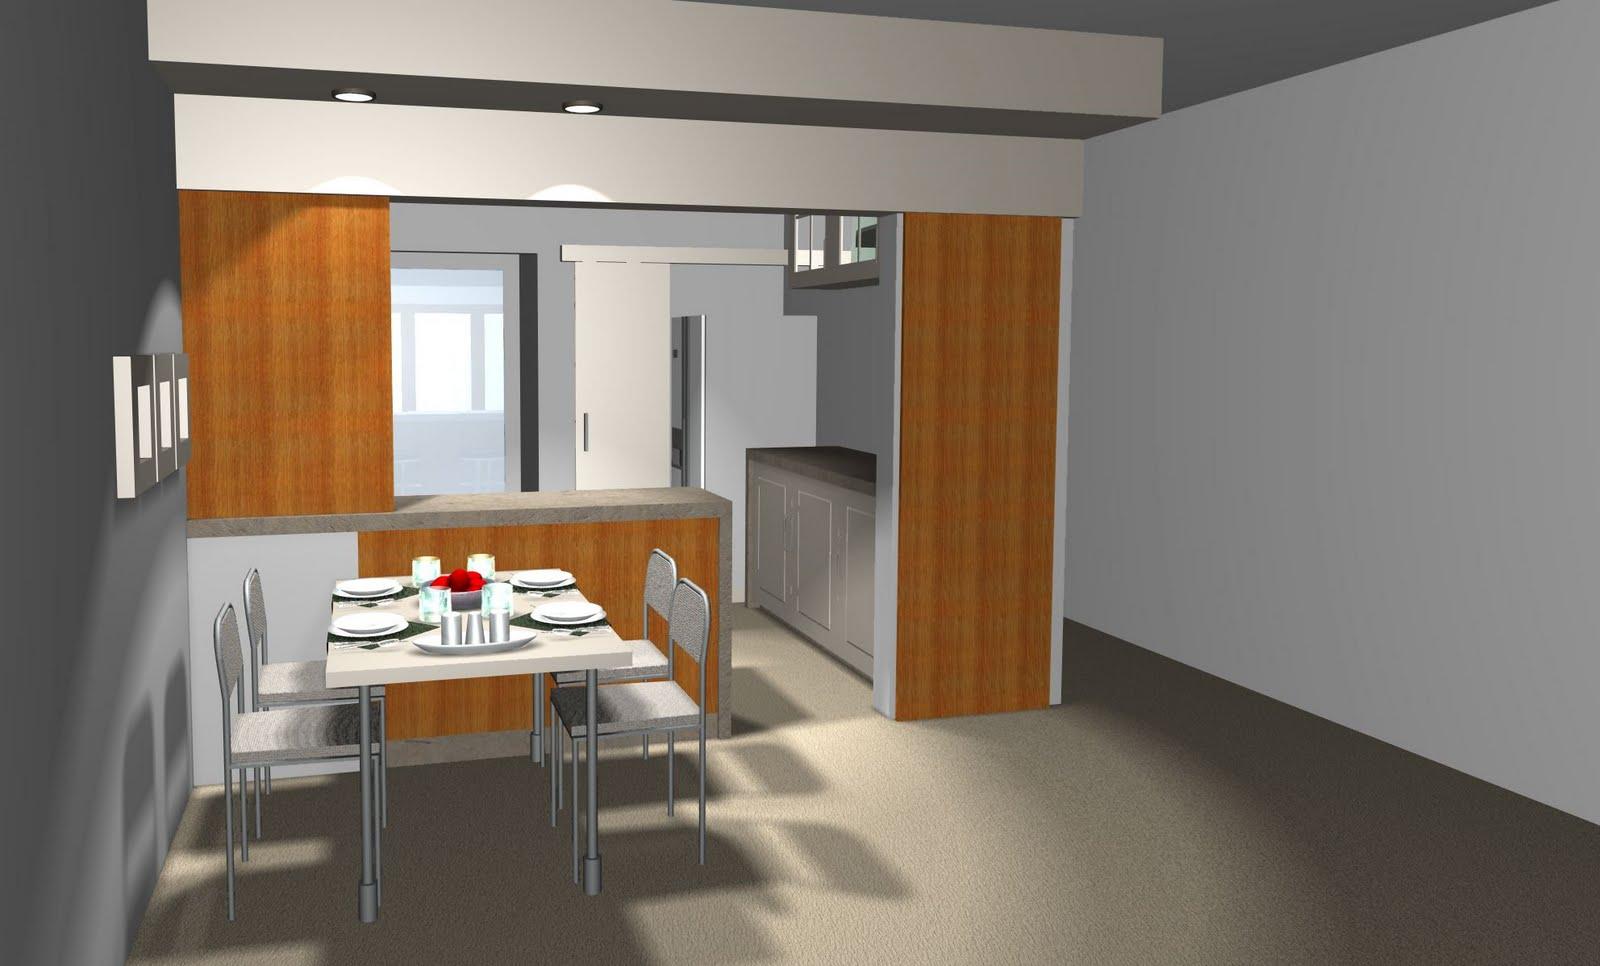 #B61915 Banquetas Para Cozinha Americana Fotos 2 1600x966 px Fotos De Cozinha Americana Com Banquetas_3469 Imagens